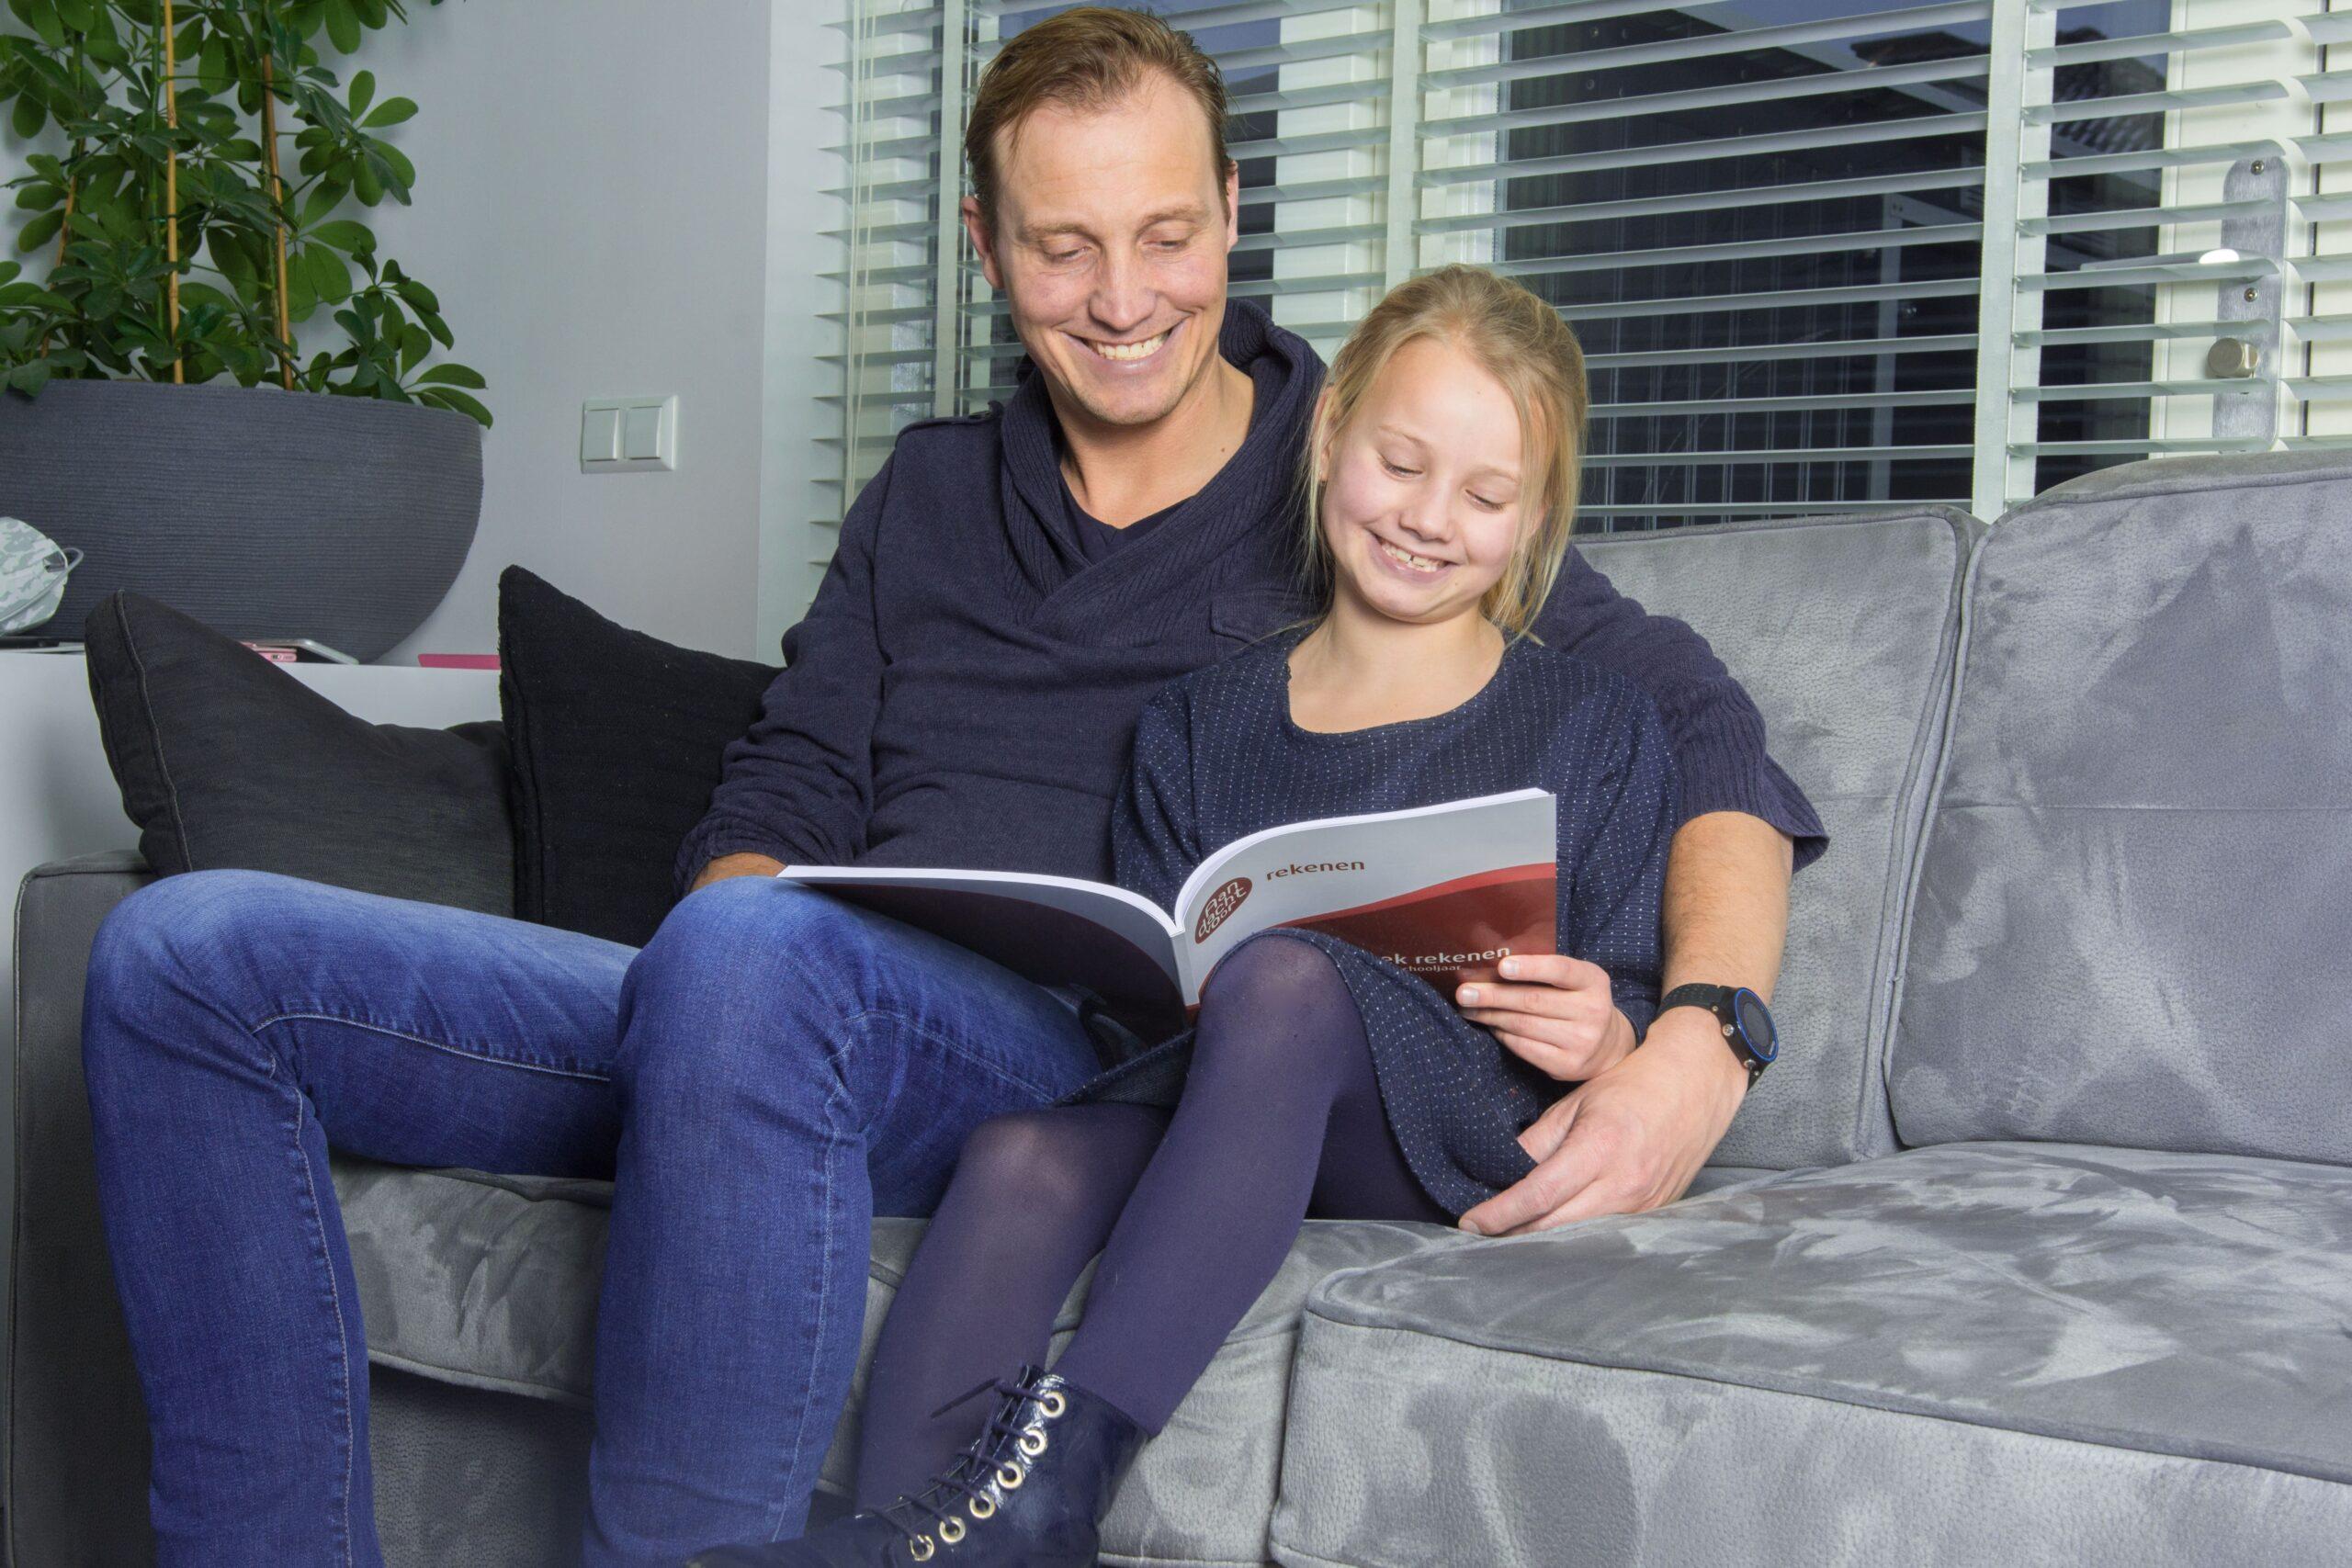 vader en dochter met oefenboek op de bank